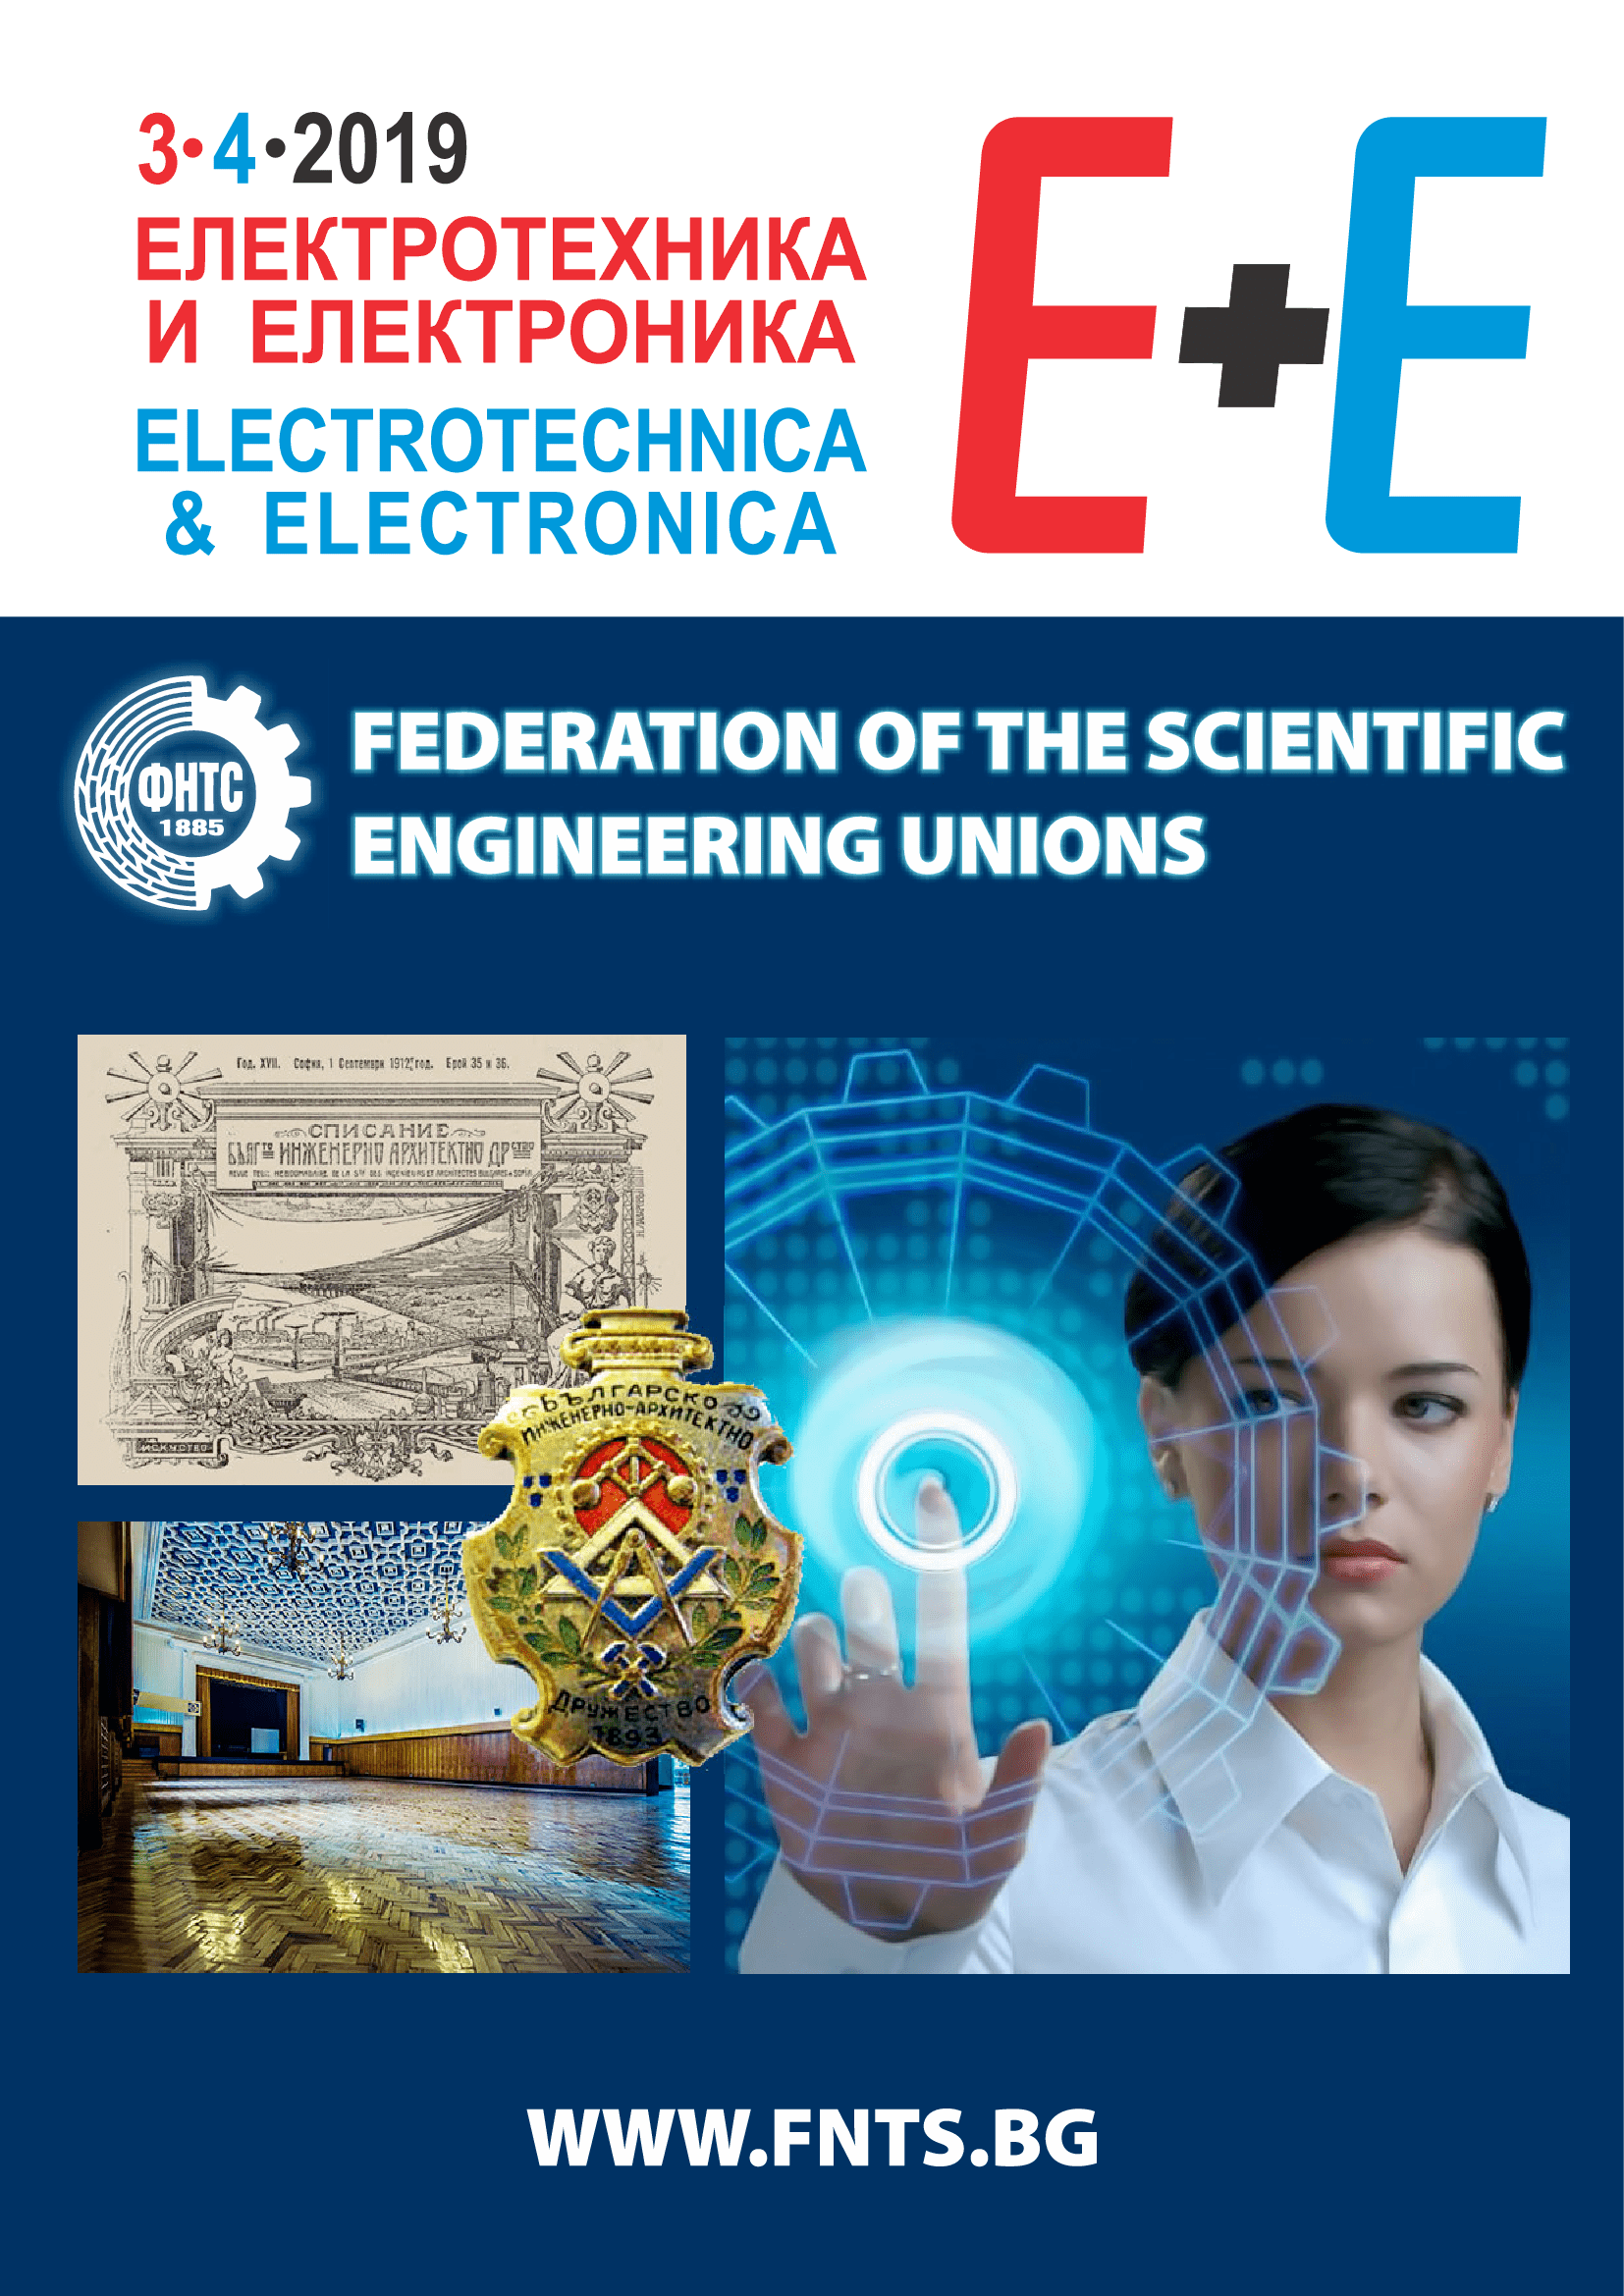 E+E magazine latest issue cover page